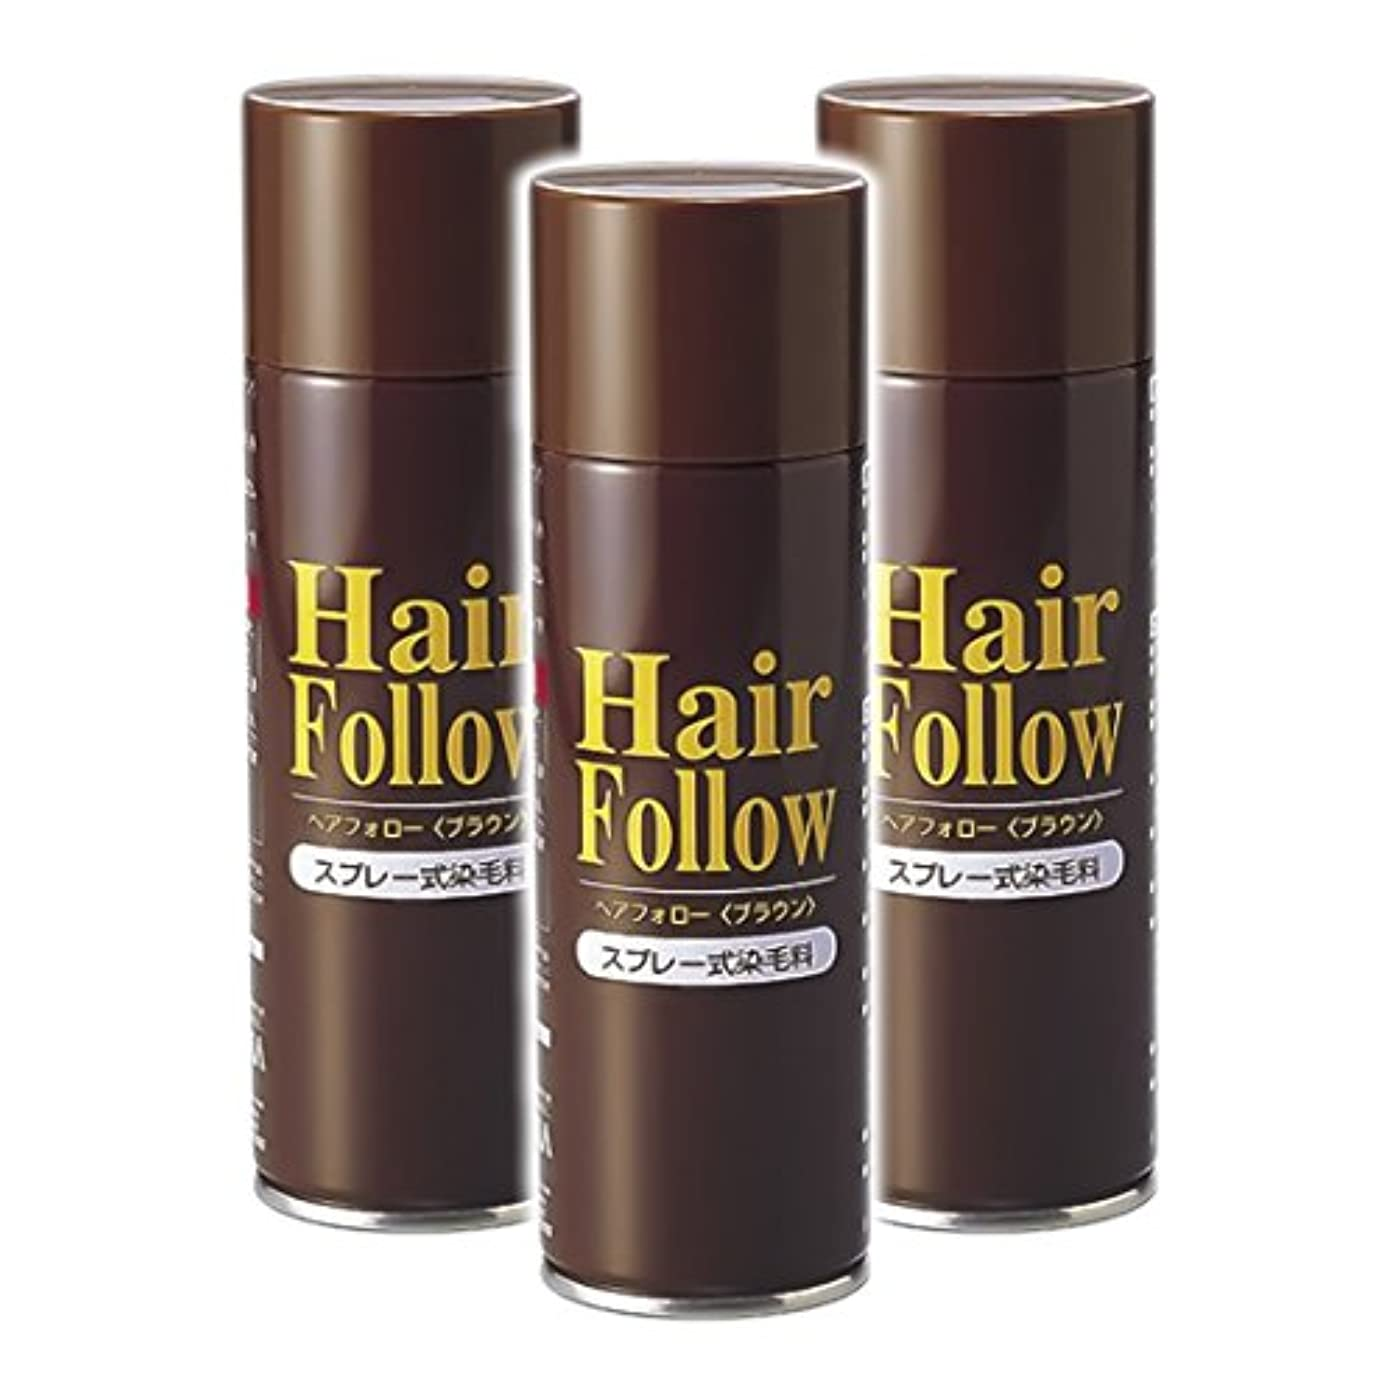 切り刻む圧倒的ピン薄毛スプレー 3本セット ヘアフォロー HairFollow ブラウン 150g